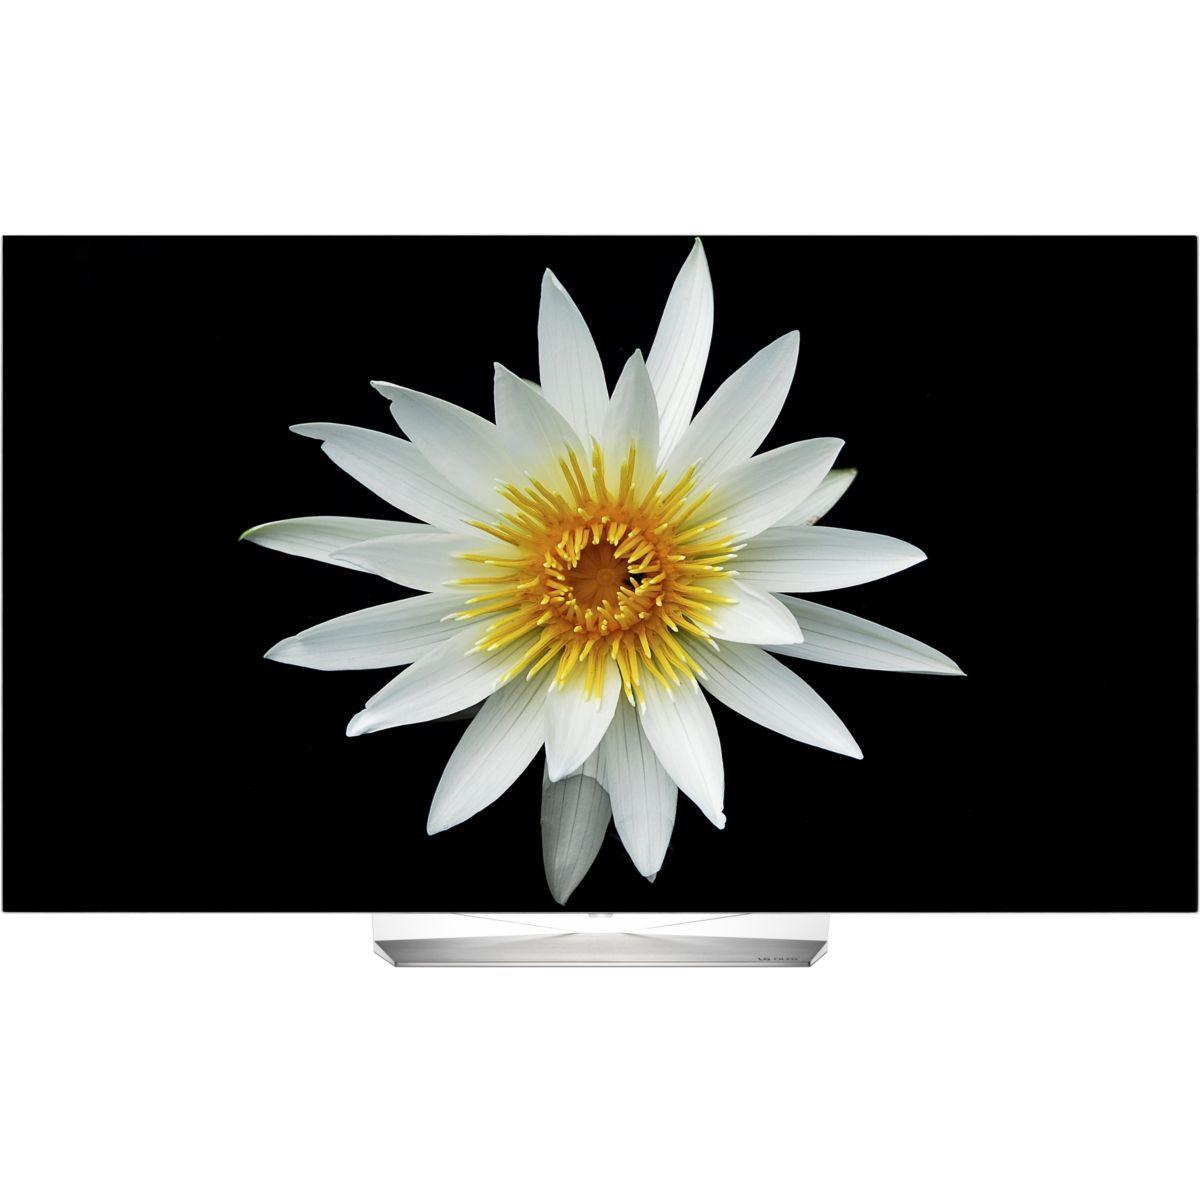 Tv lg 55eg9a7v oled - livraison offerte : code liv (photo)